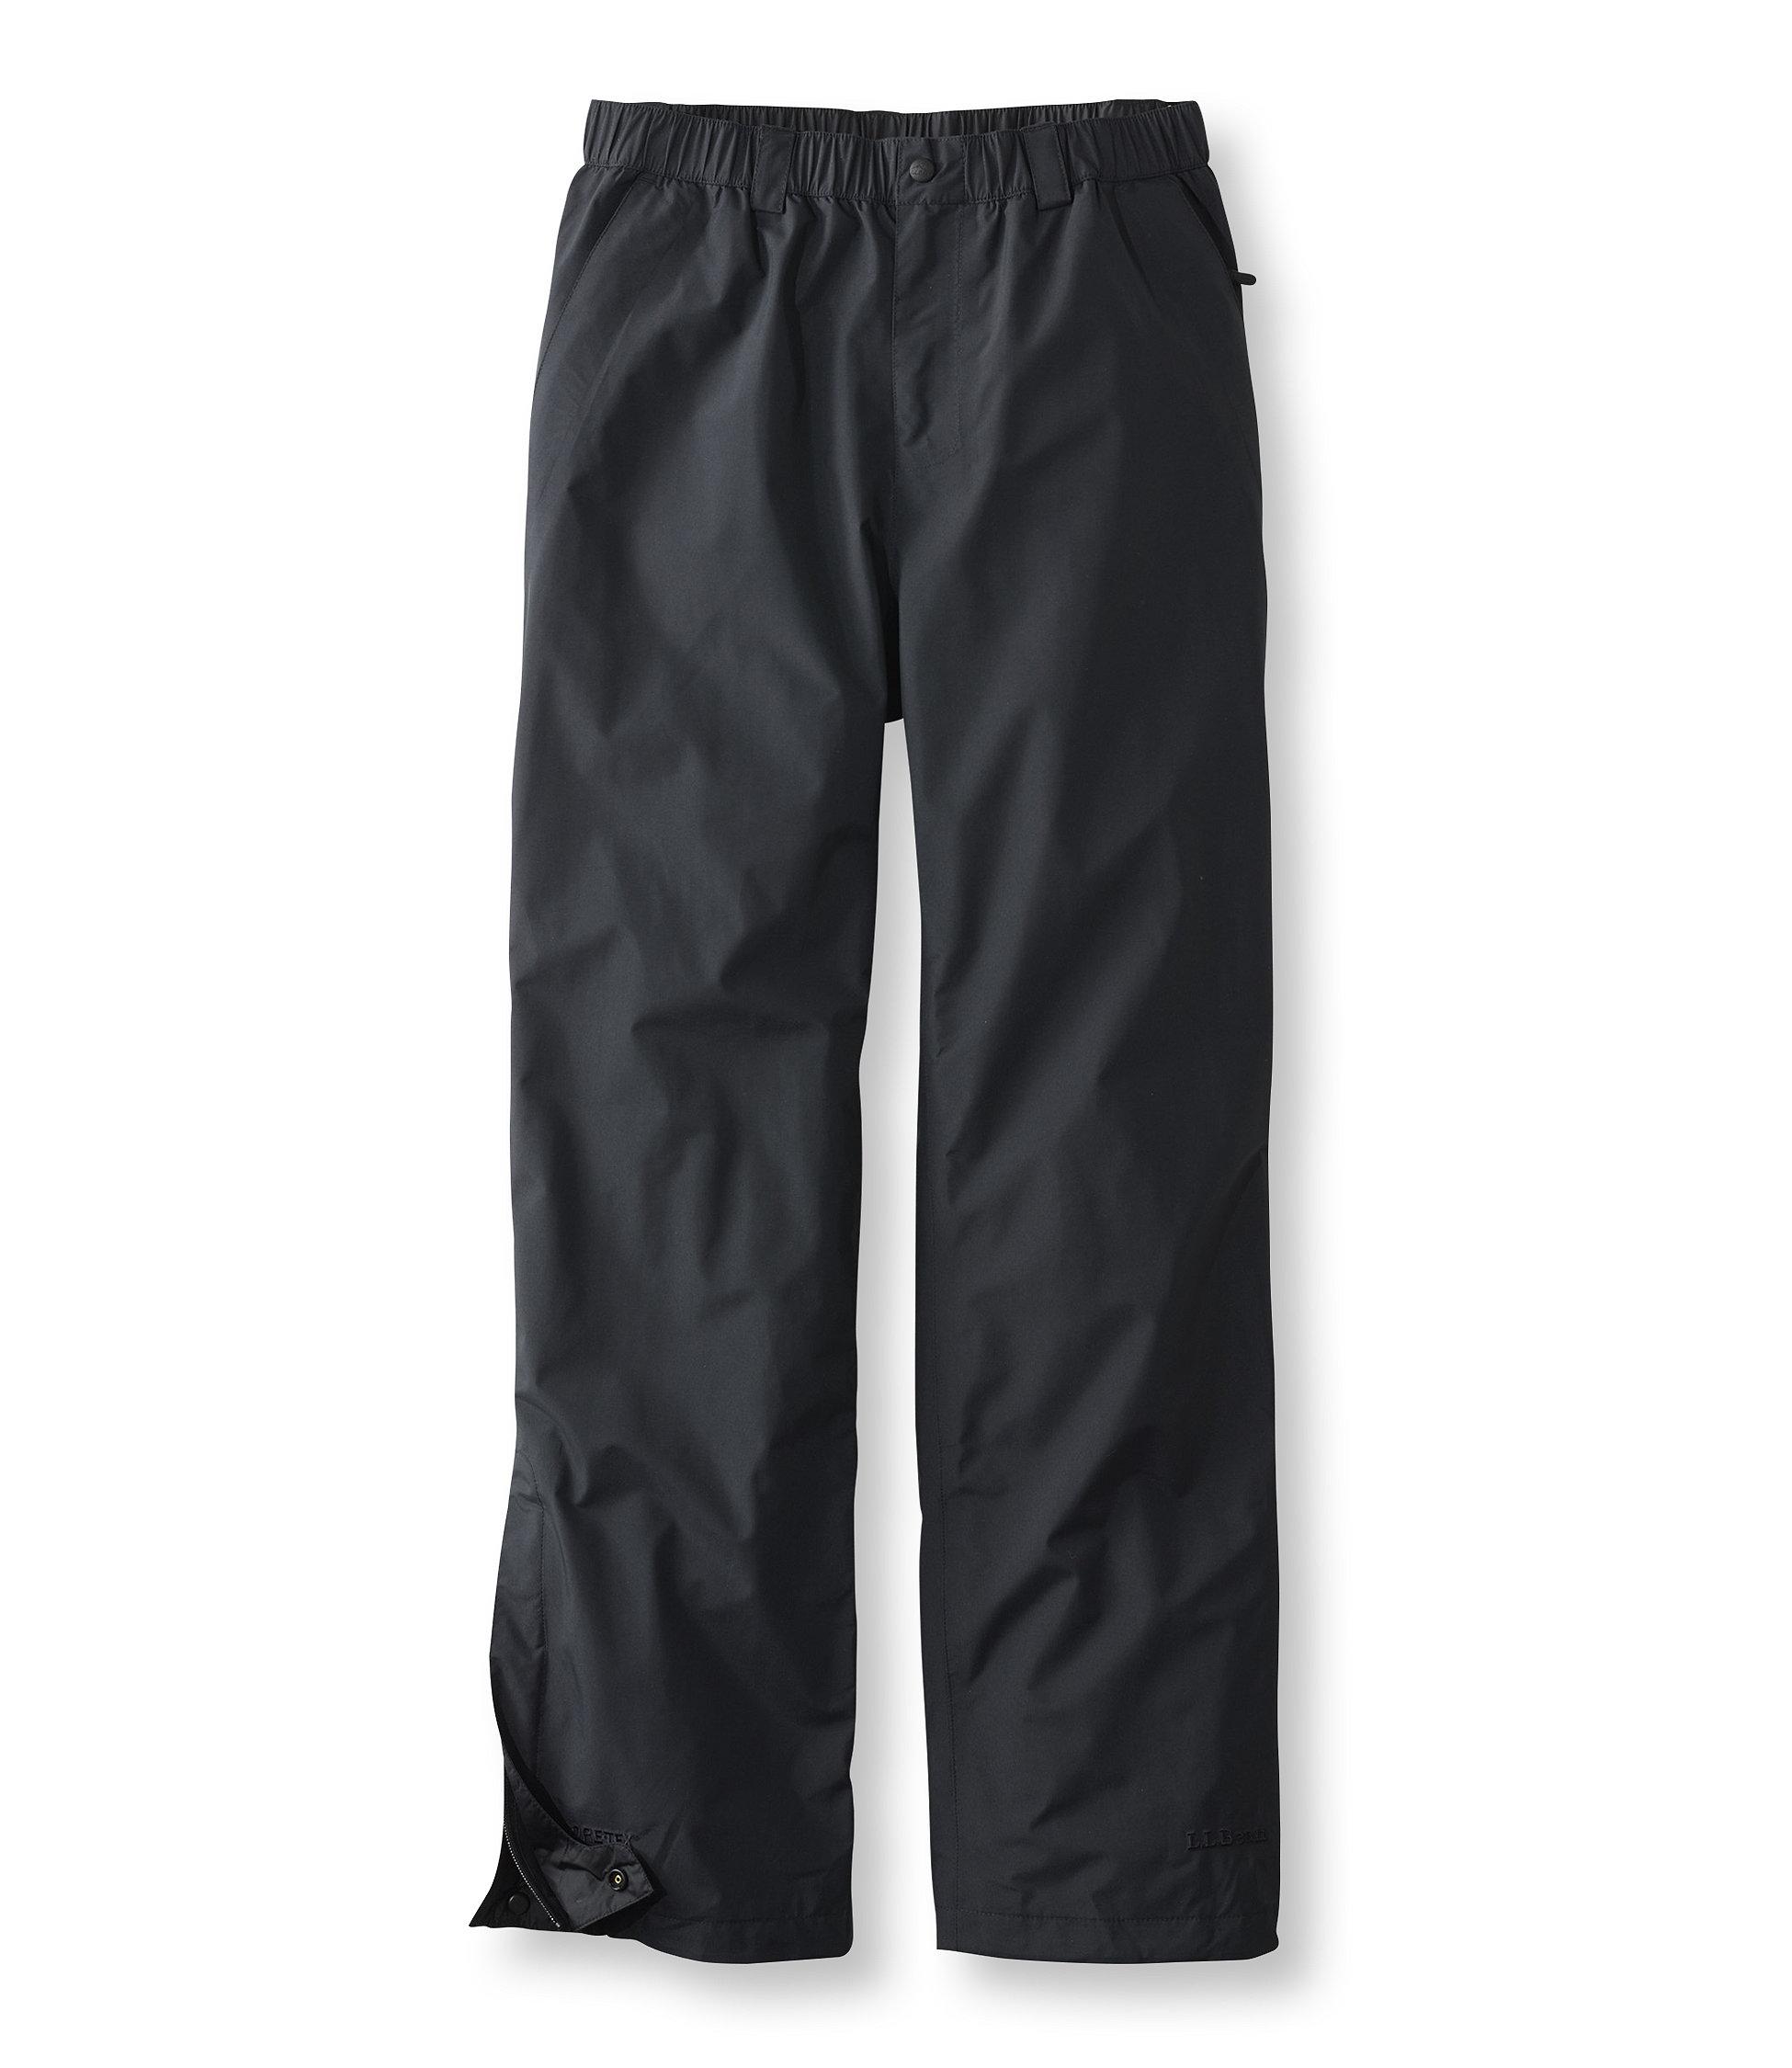 L.L.Bean Stowaway Pant